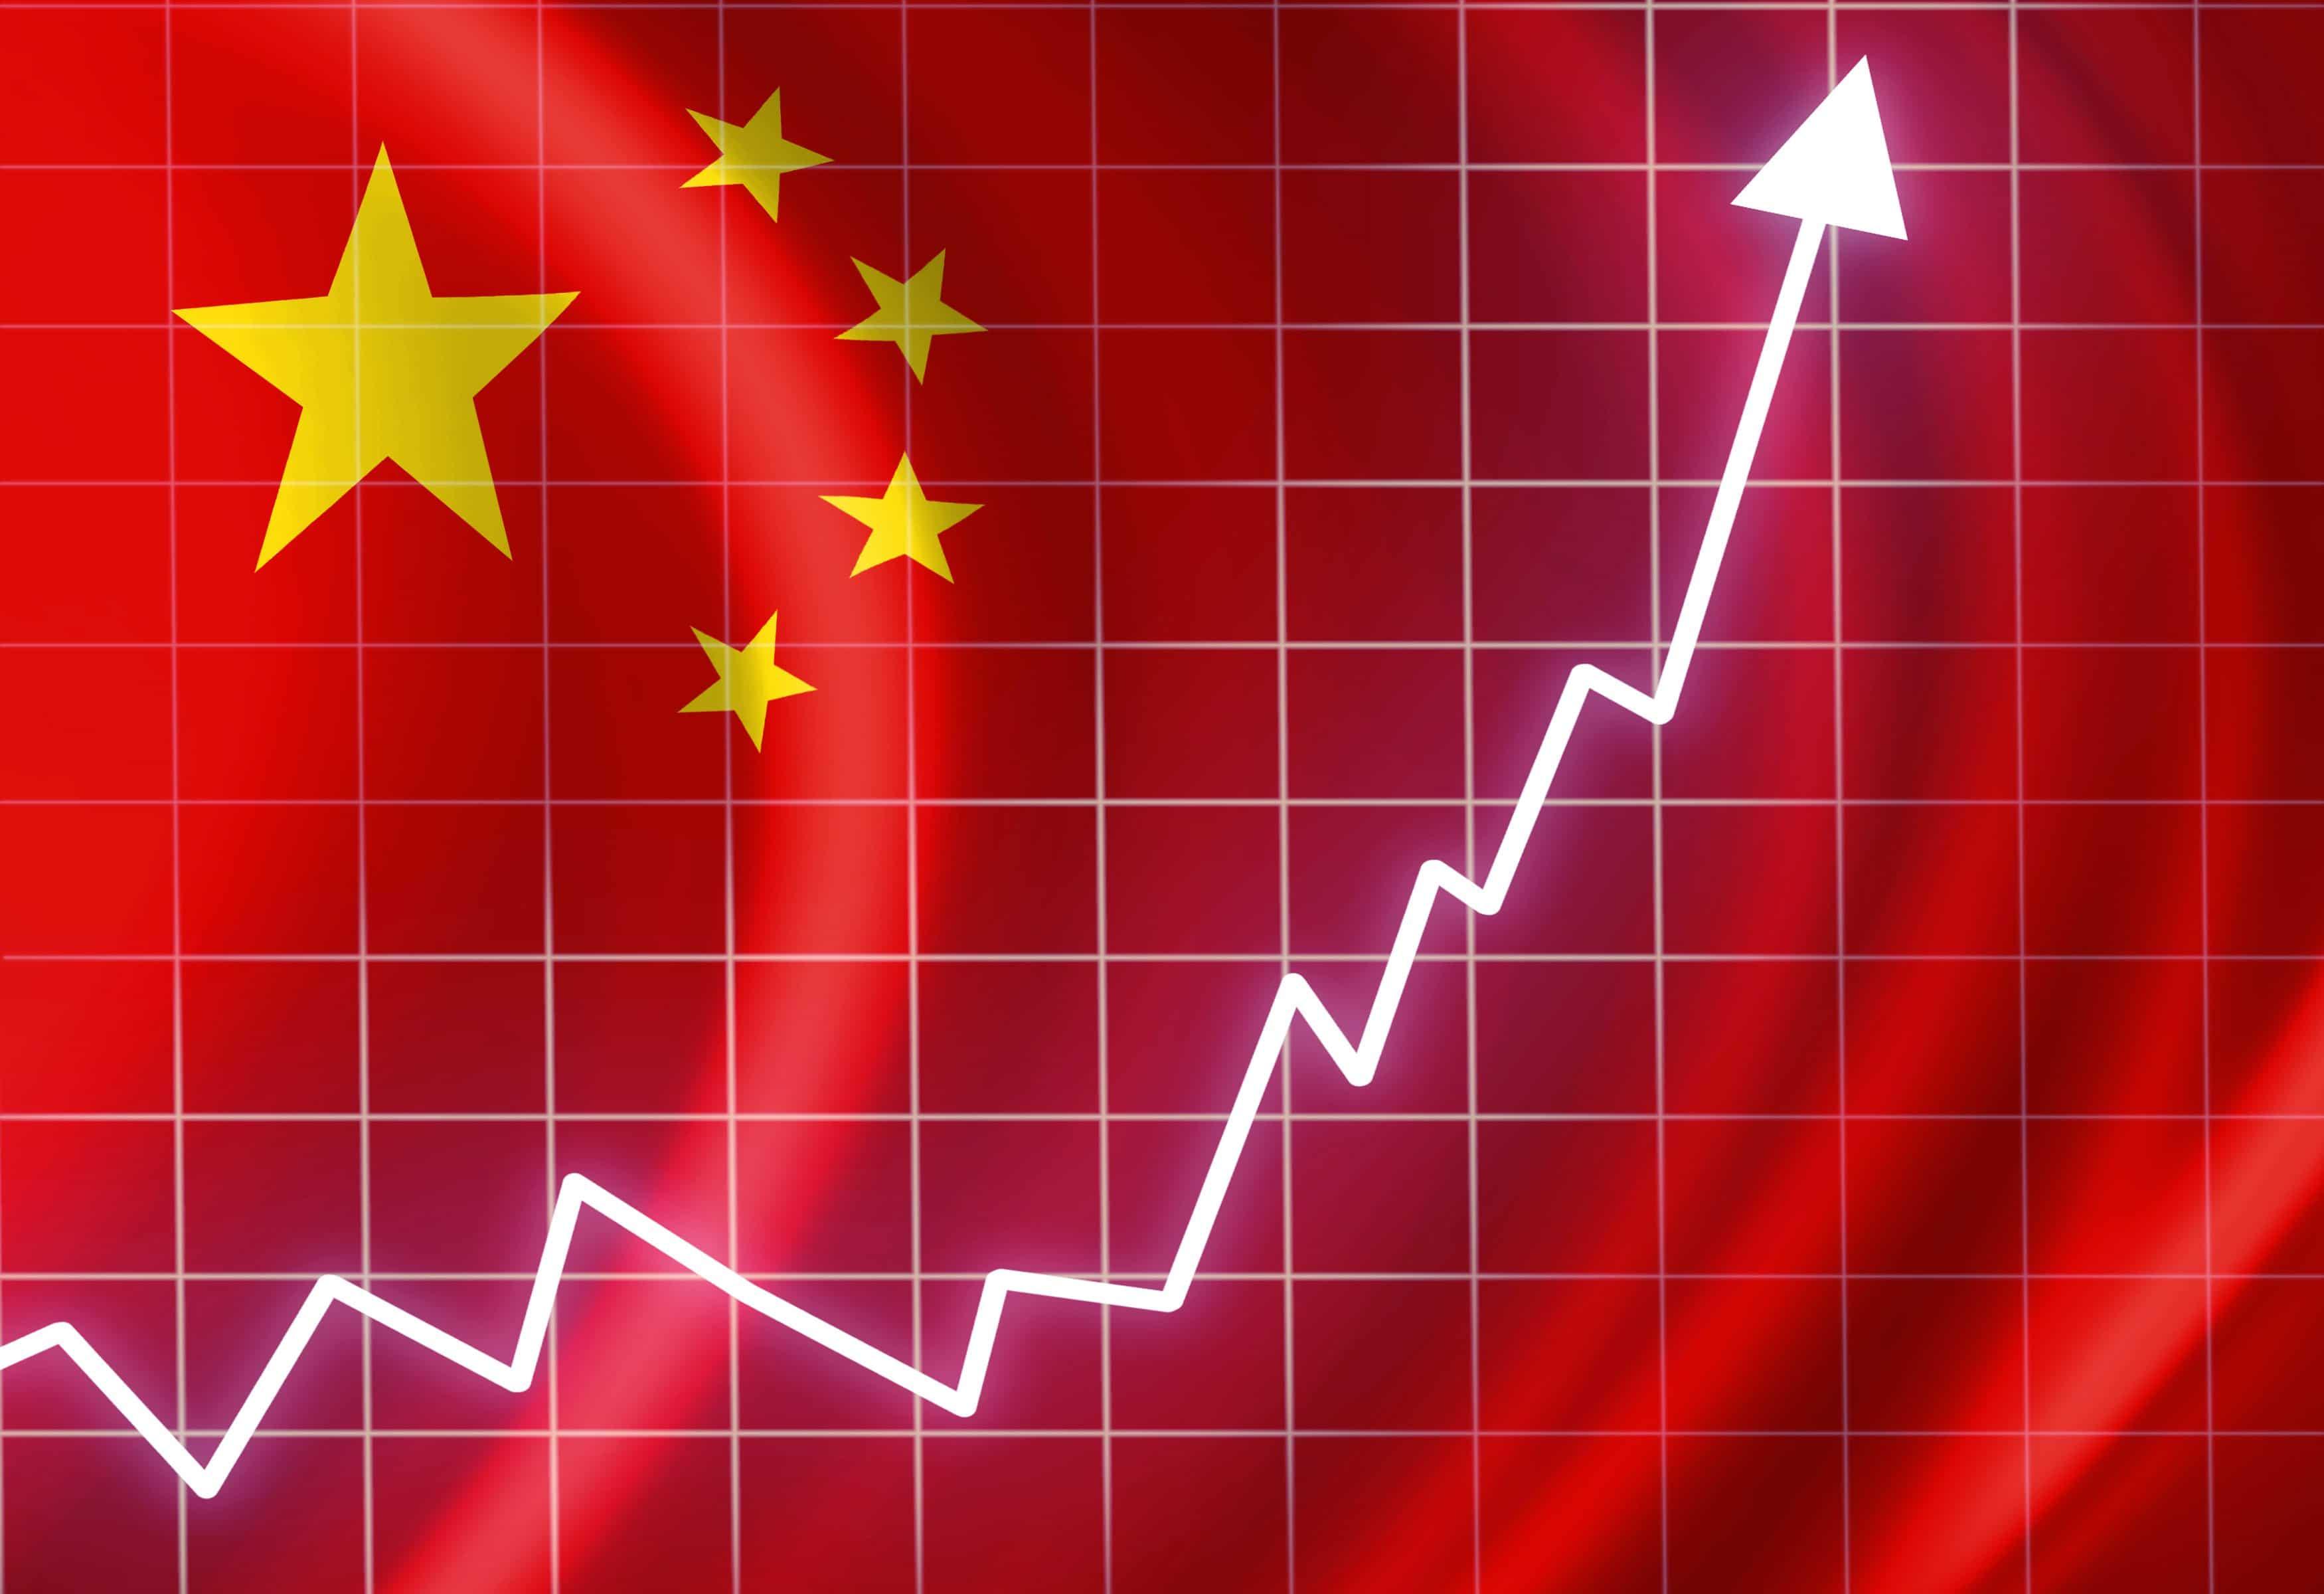 ¿Por qué la Economía de China crece?